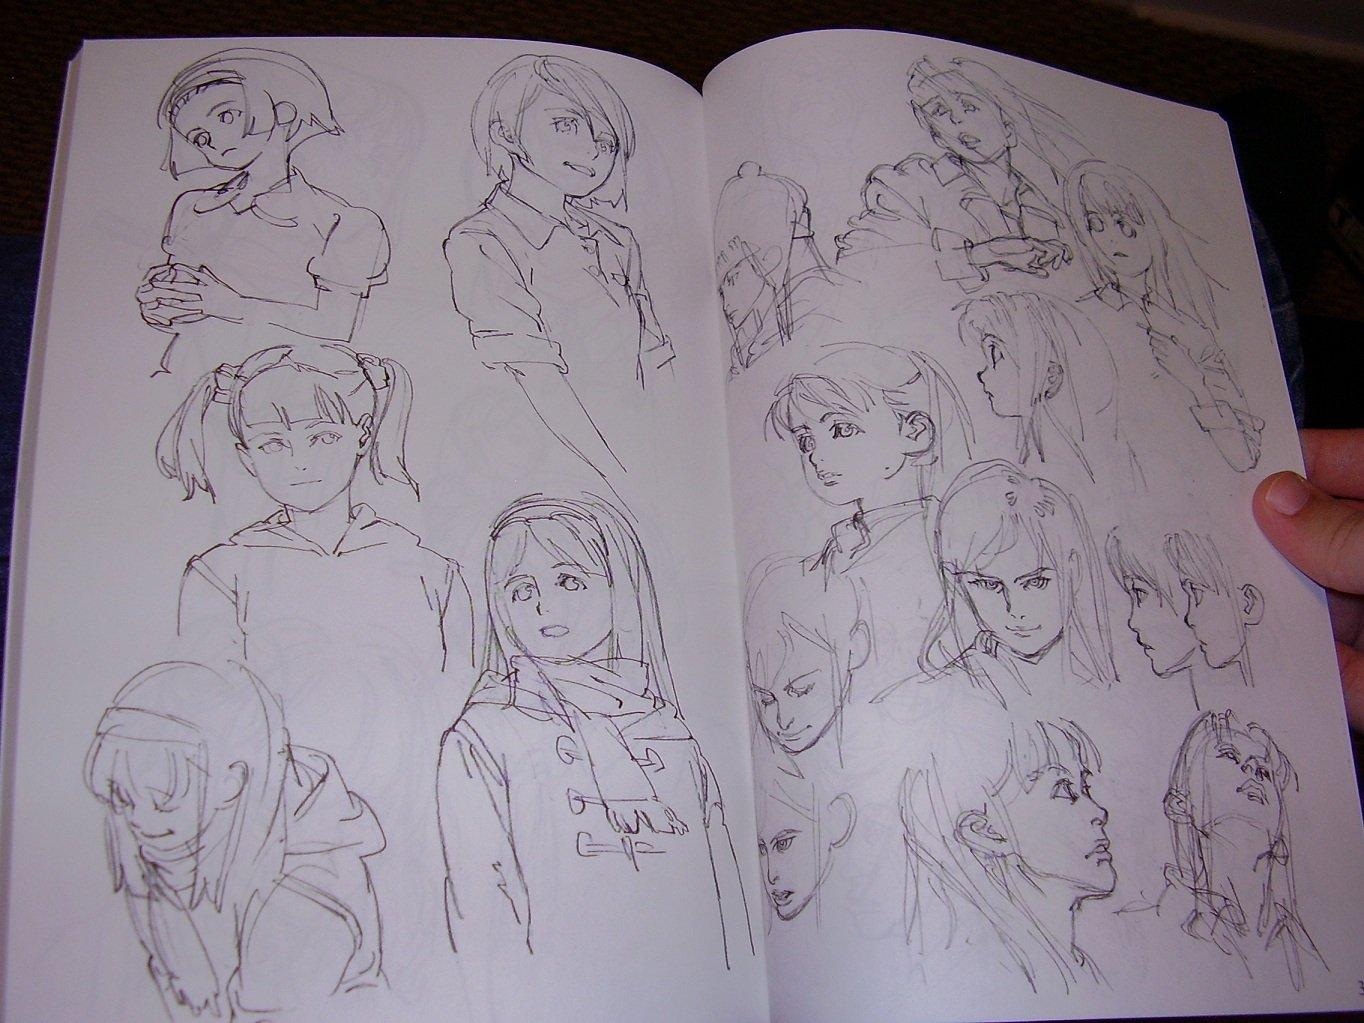 33 - 【画像】めちゃめちゃ絵がうまいアニメーターが見つかる